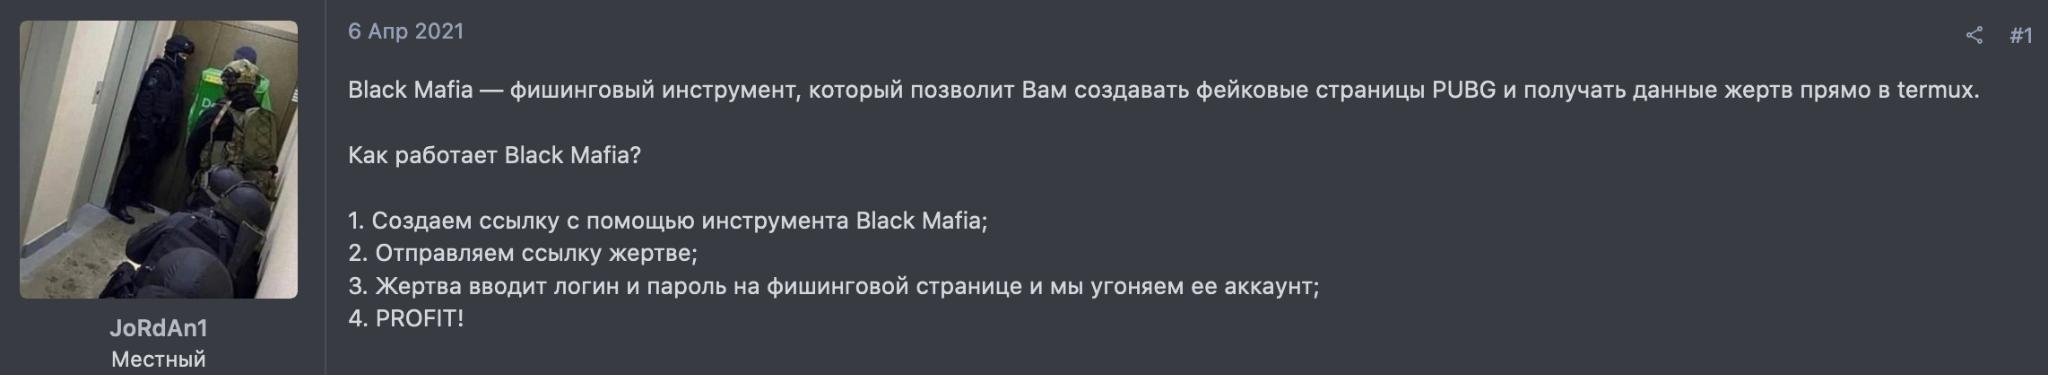 Злоумышленник продает фишинговый инструмент BlackMafia для создания поддельных страниц PUBG